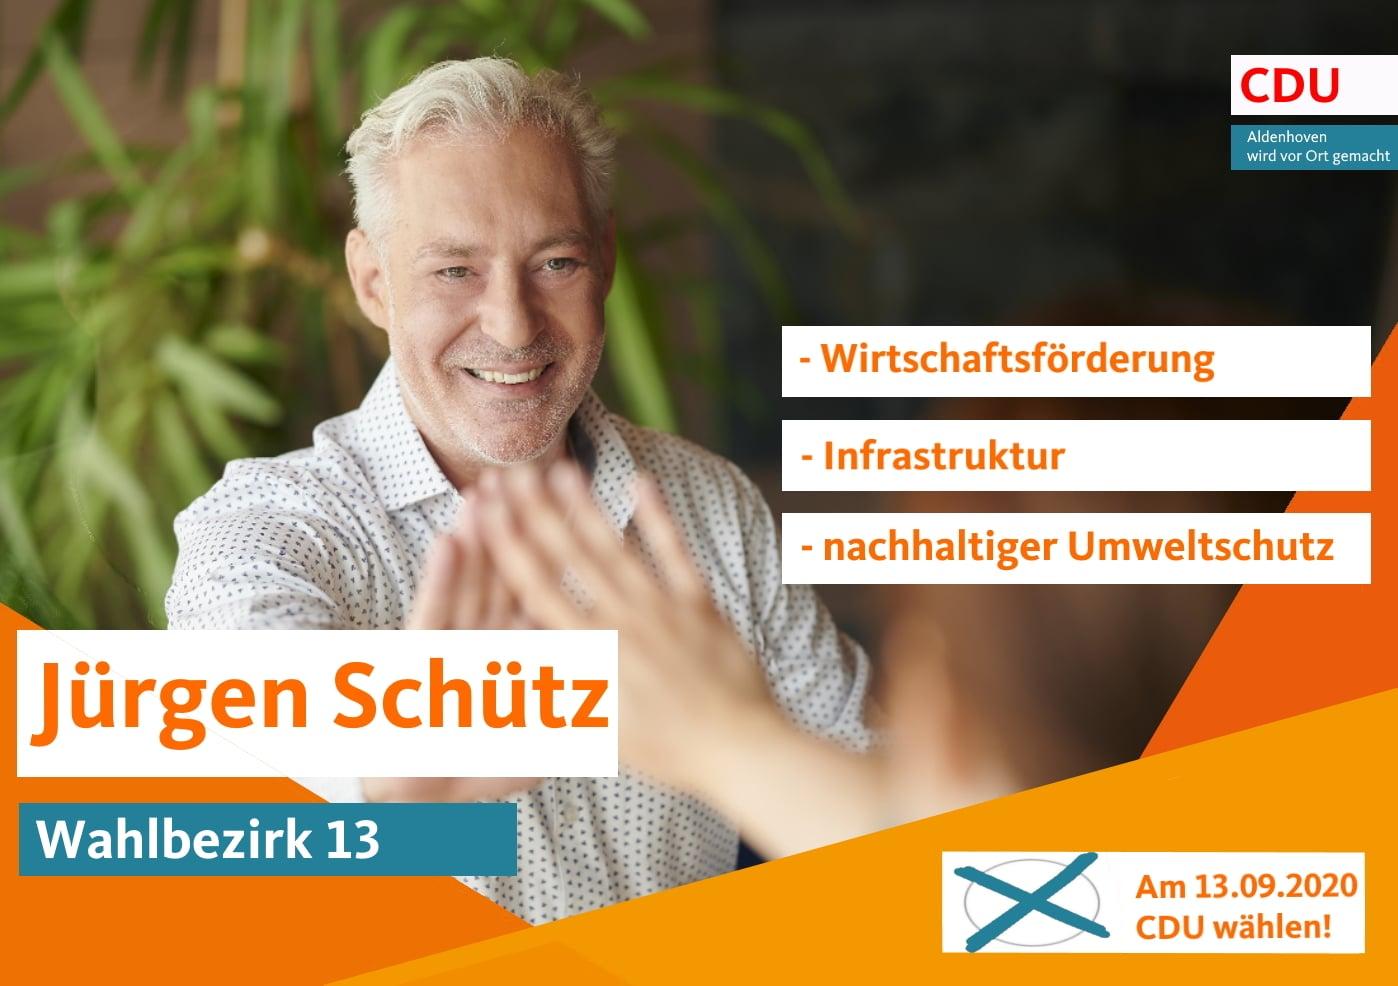 Abbildung von Jürgen Schütz